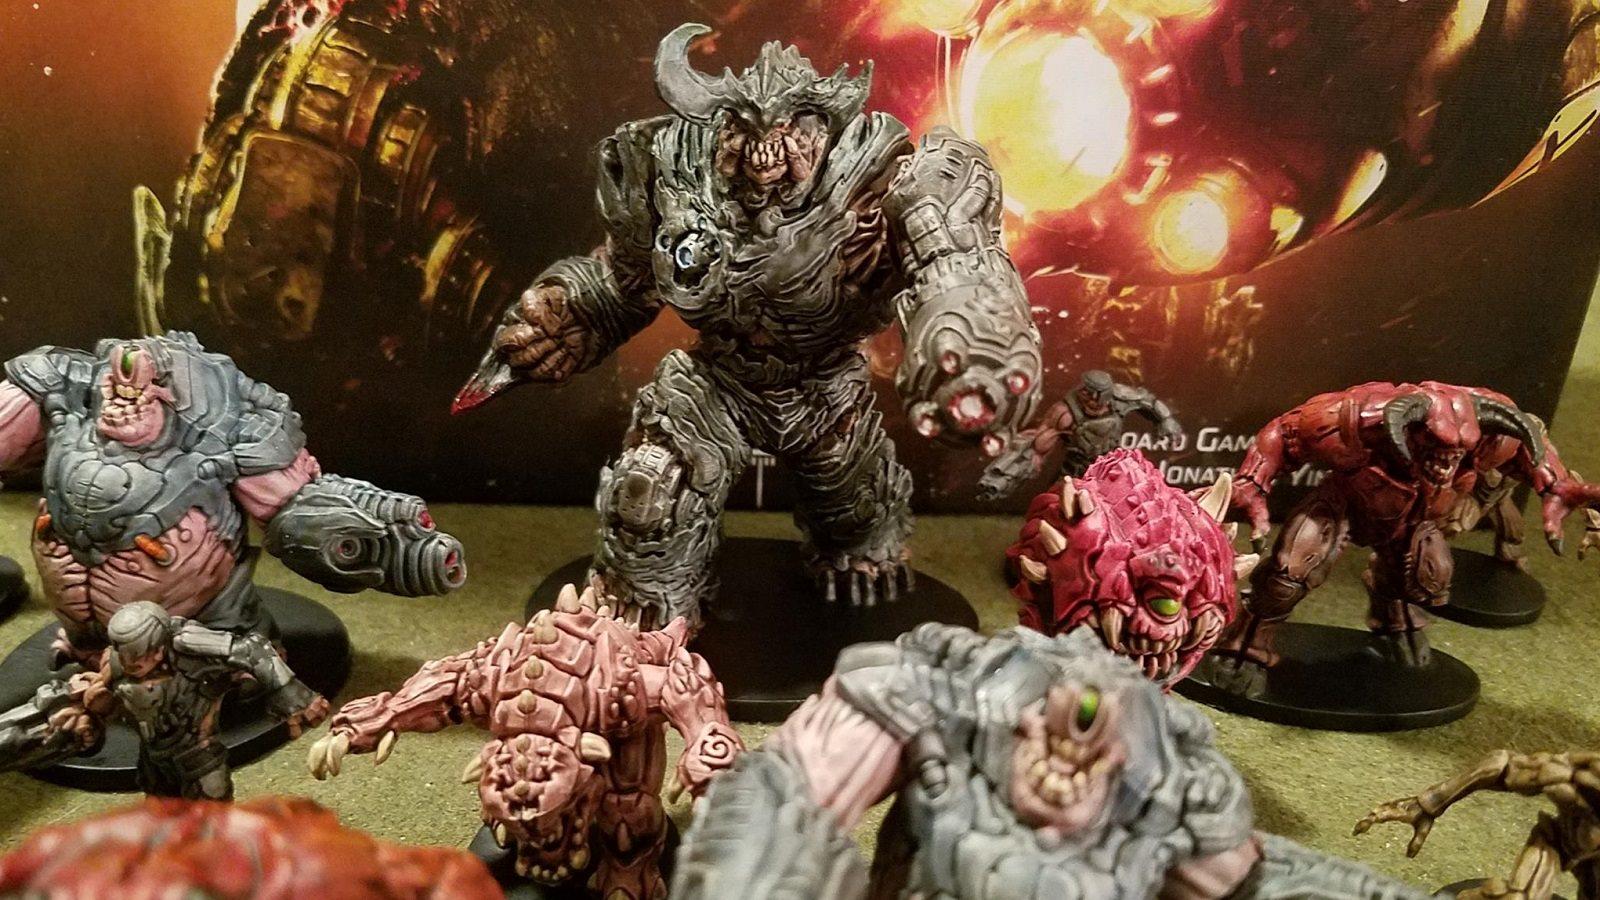 Deskové hry podle počítačové predlohy; screenshot: Doom figúrky